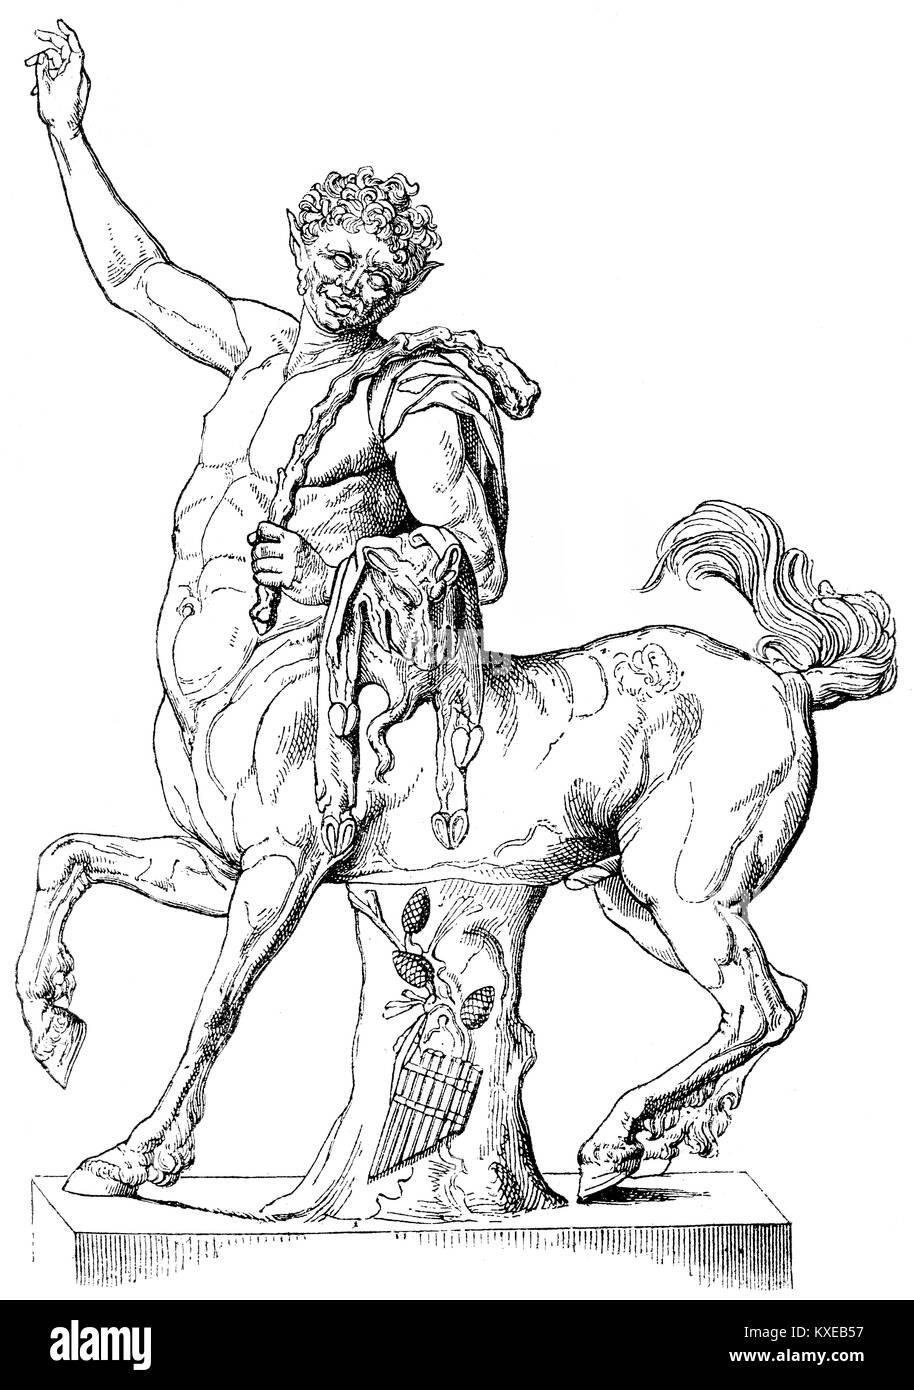 La mythologie grecque, un Centaure Photo Stock